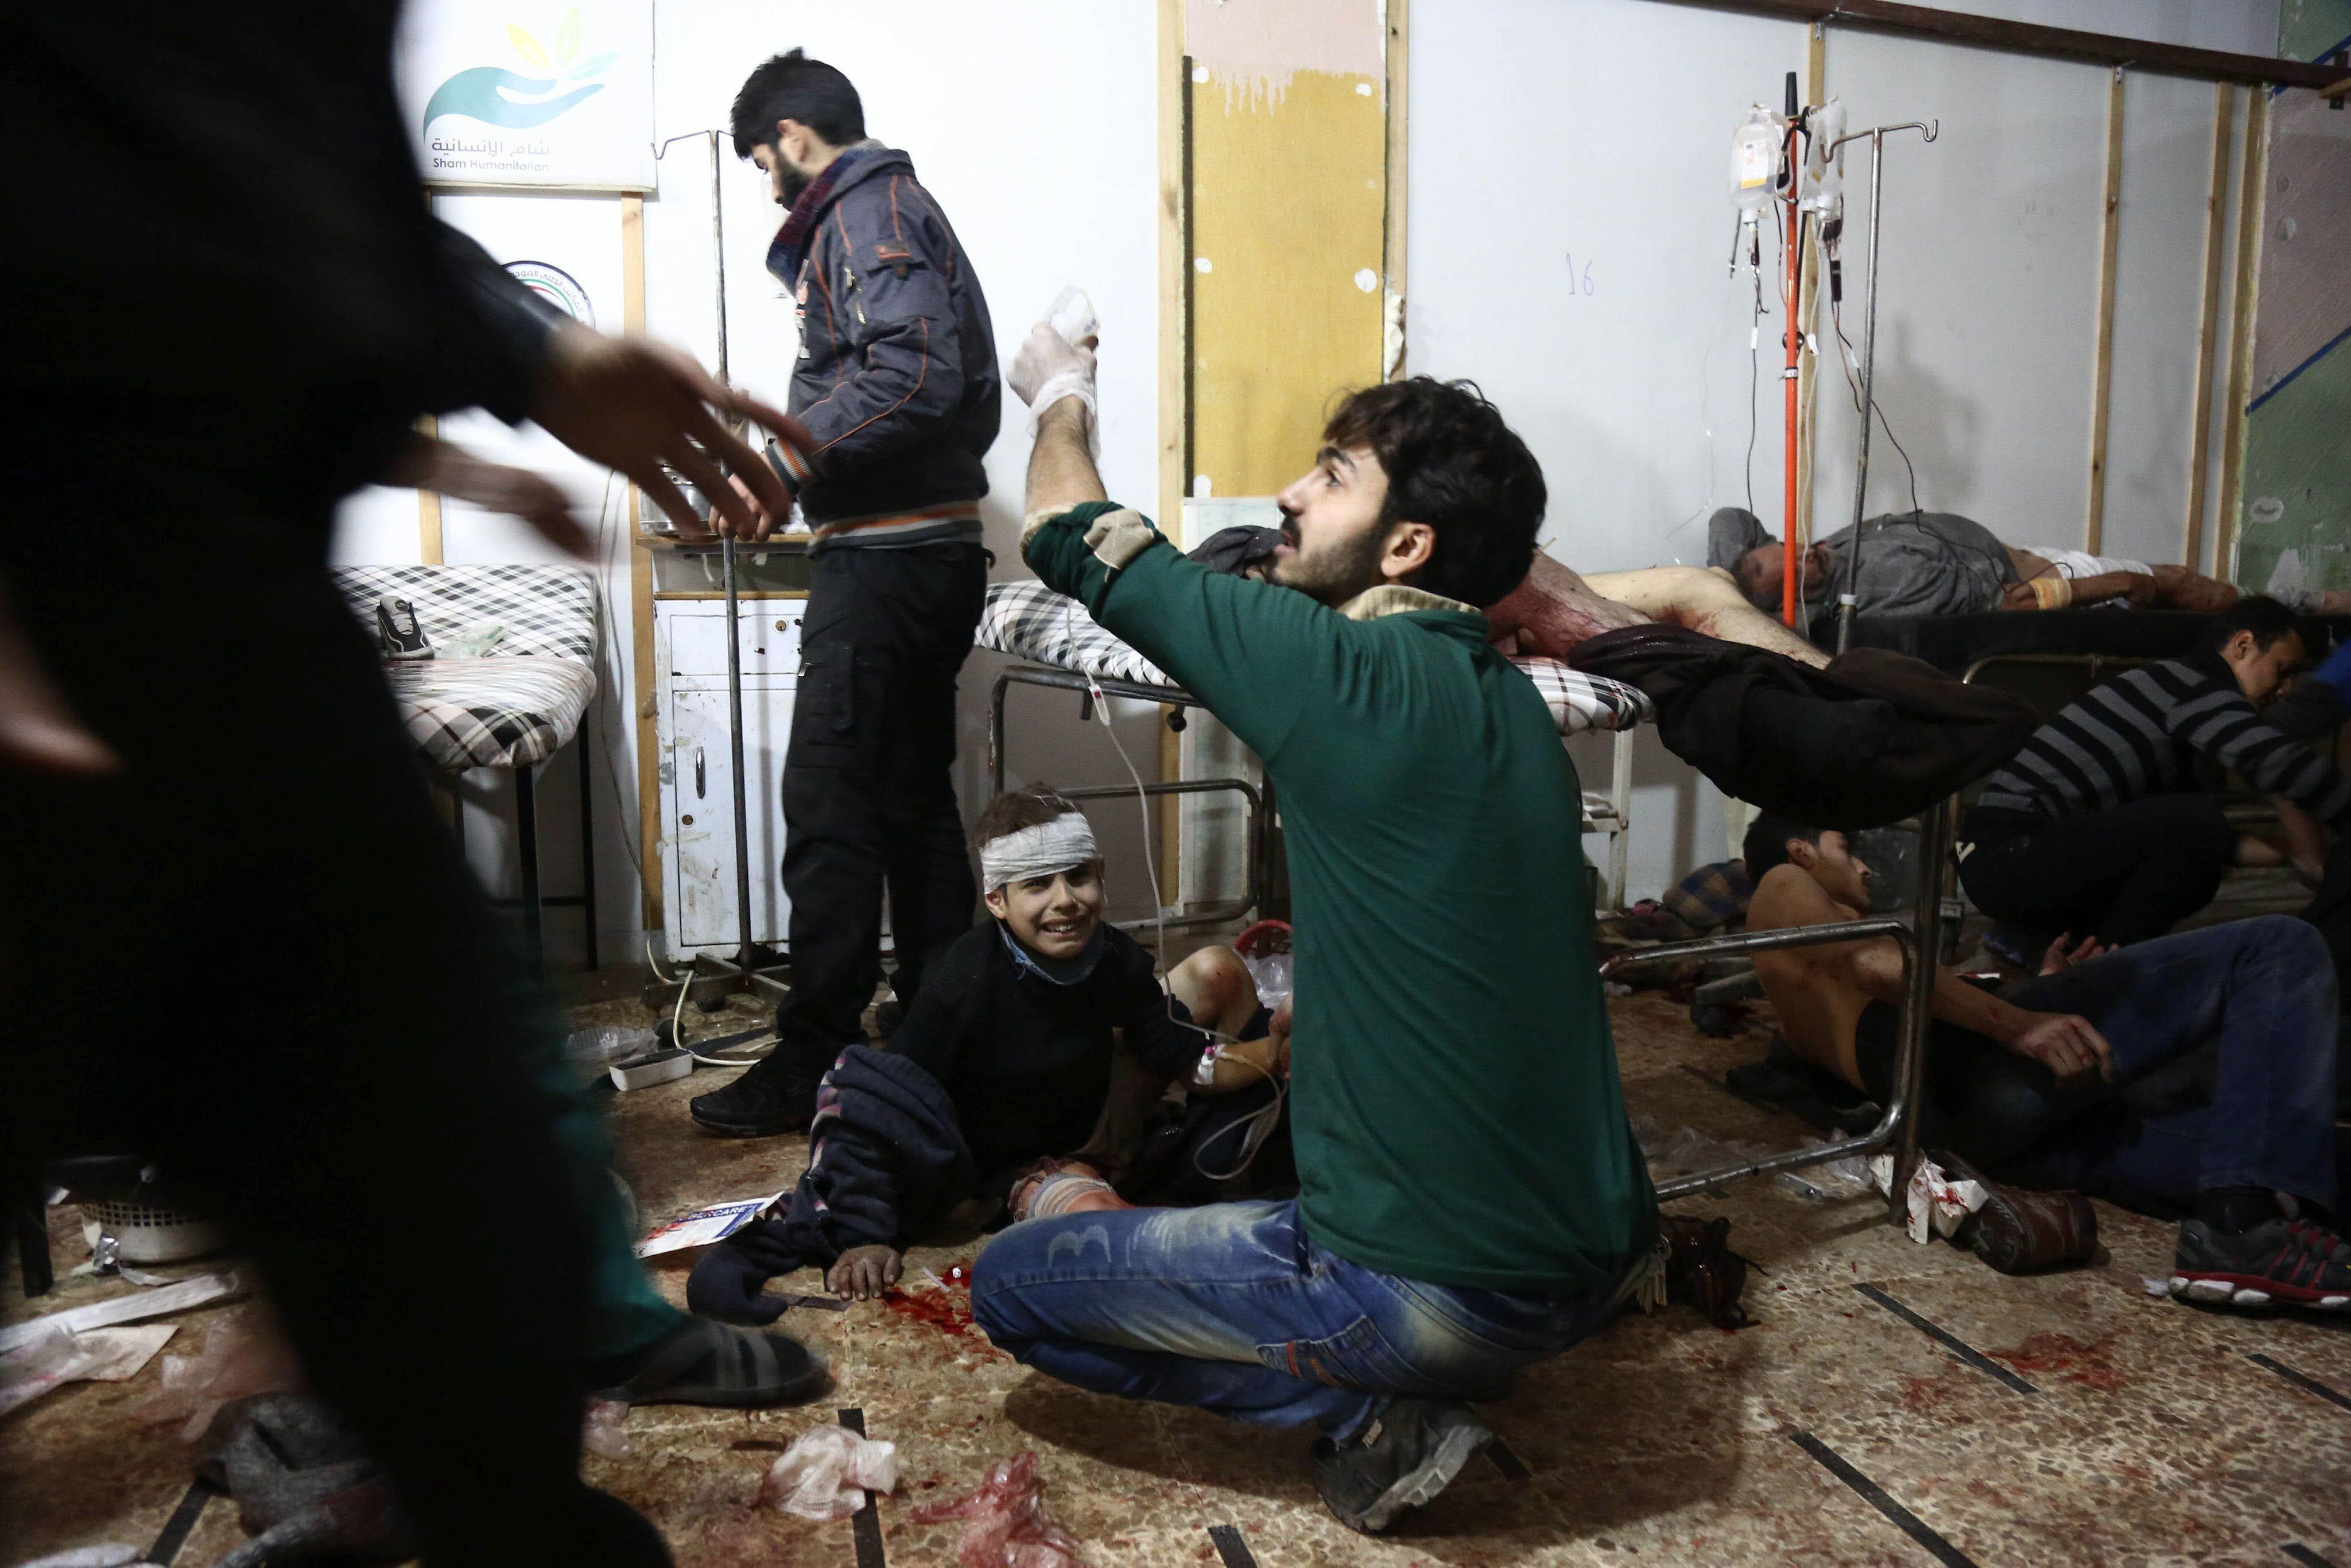 Varias personas reciben atención médica en un hospital de campo tras los ataques aéreos de fuerzas leales al Gobierno de Bashar el Asad, en Douma, en las afueras de Damasco. EFE